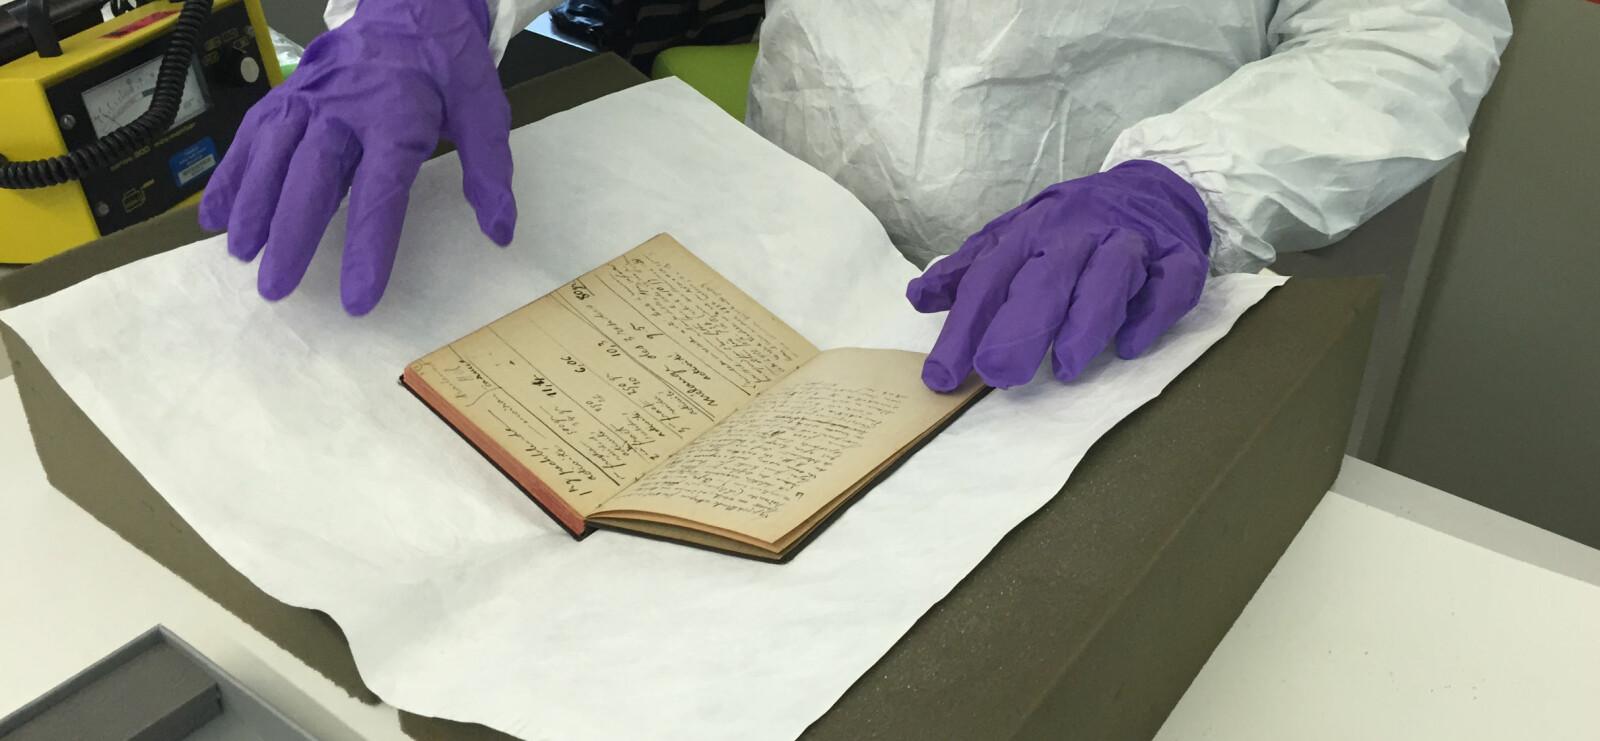 <b>DØDELIG:</b> Forfatteren døde for 84 år siden, men notatboken til Marie Curie er fortsatt så radioaktiv at man må bruke verneutstyr om man vil studere notatene.